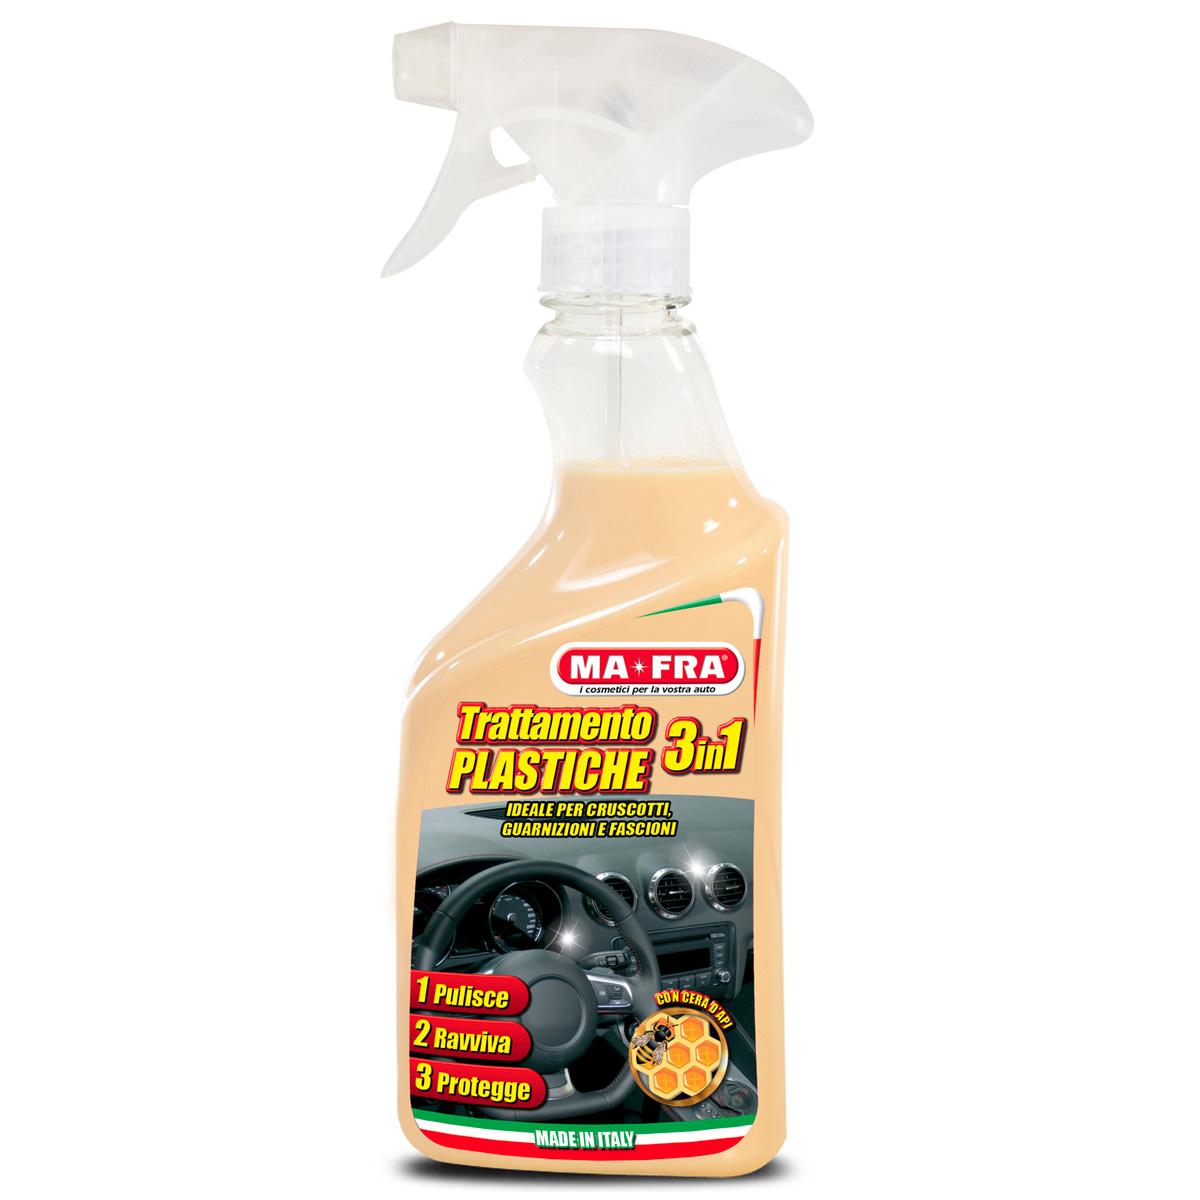 MAFRA - Protezione auto in estate